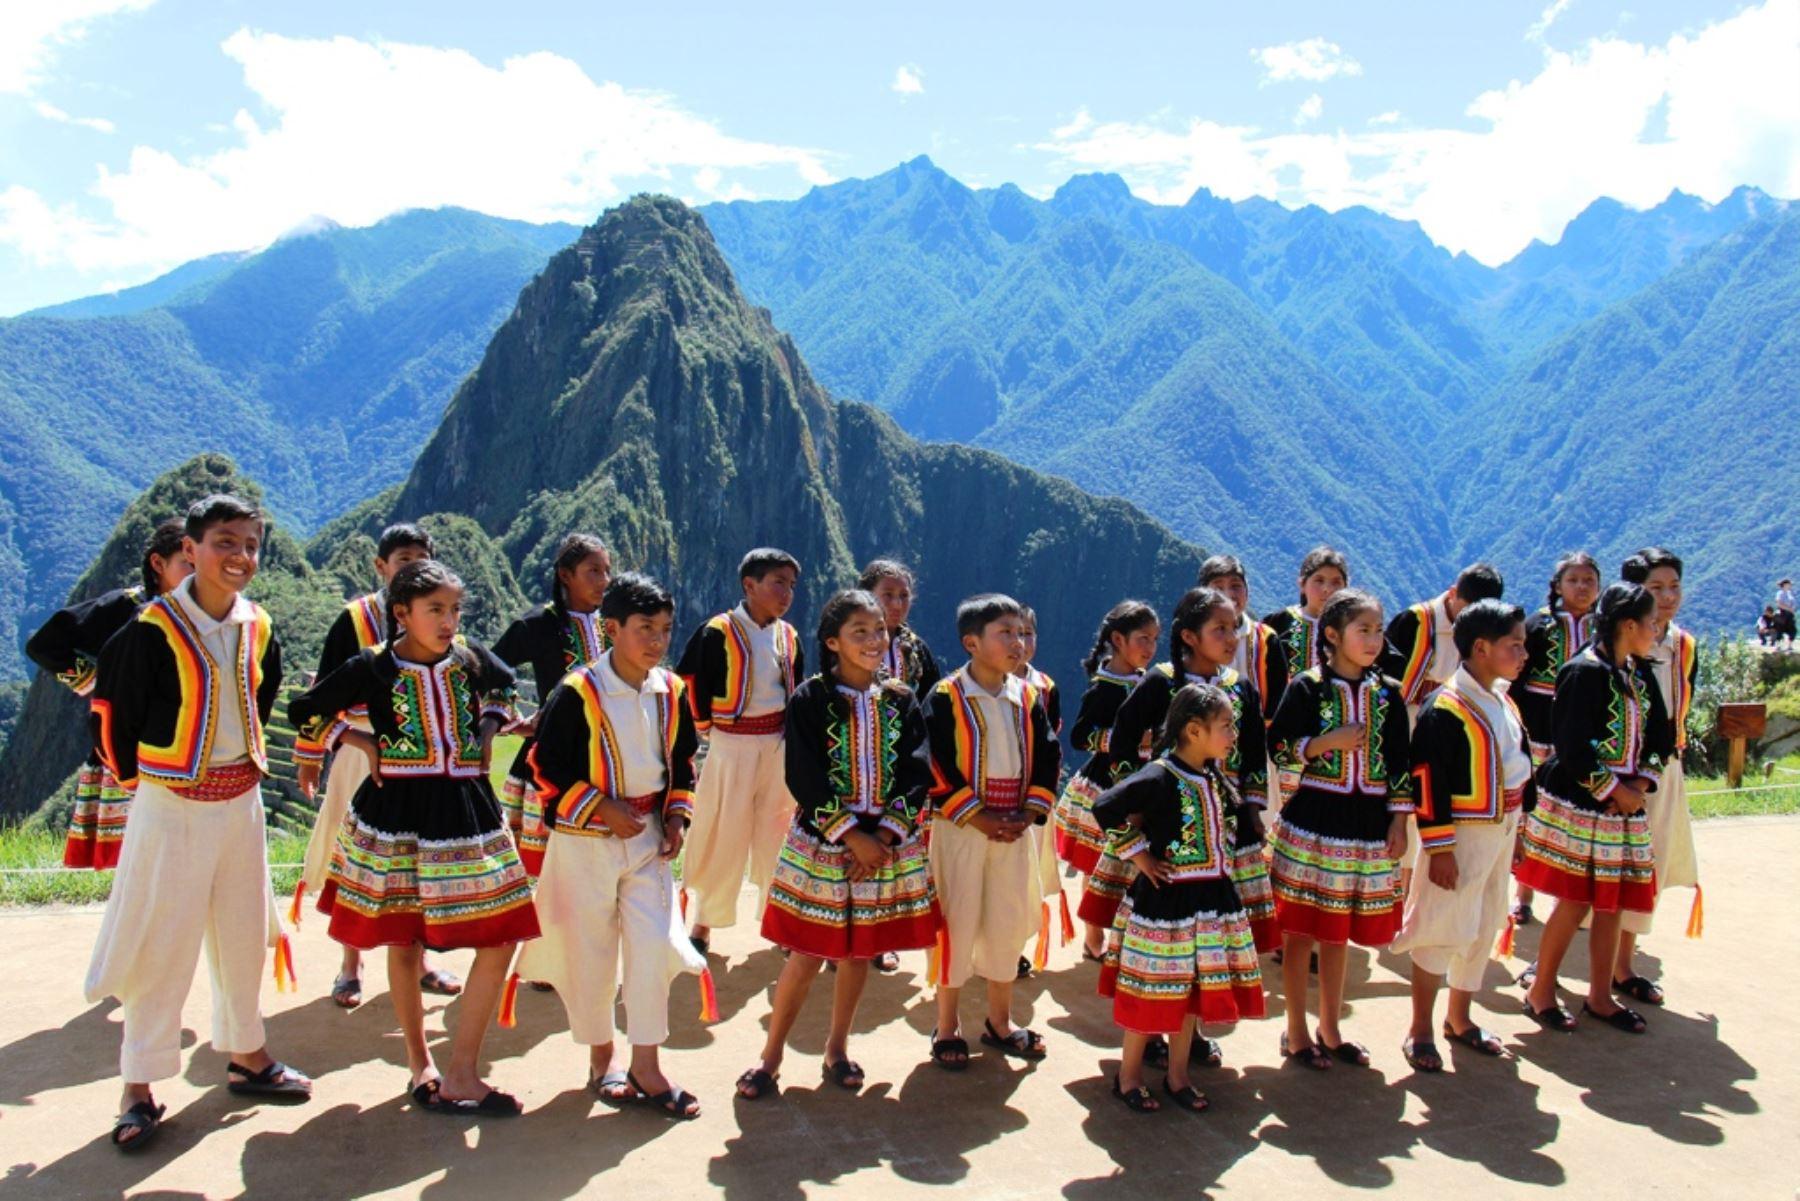 ANDINA/DifusiónMachu Picchu, Kuélap y otros sitios que enorgullecen a los peruanos. ANDINA